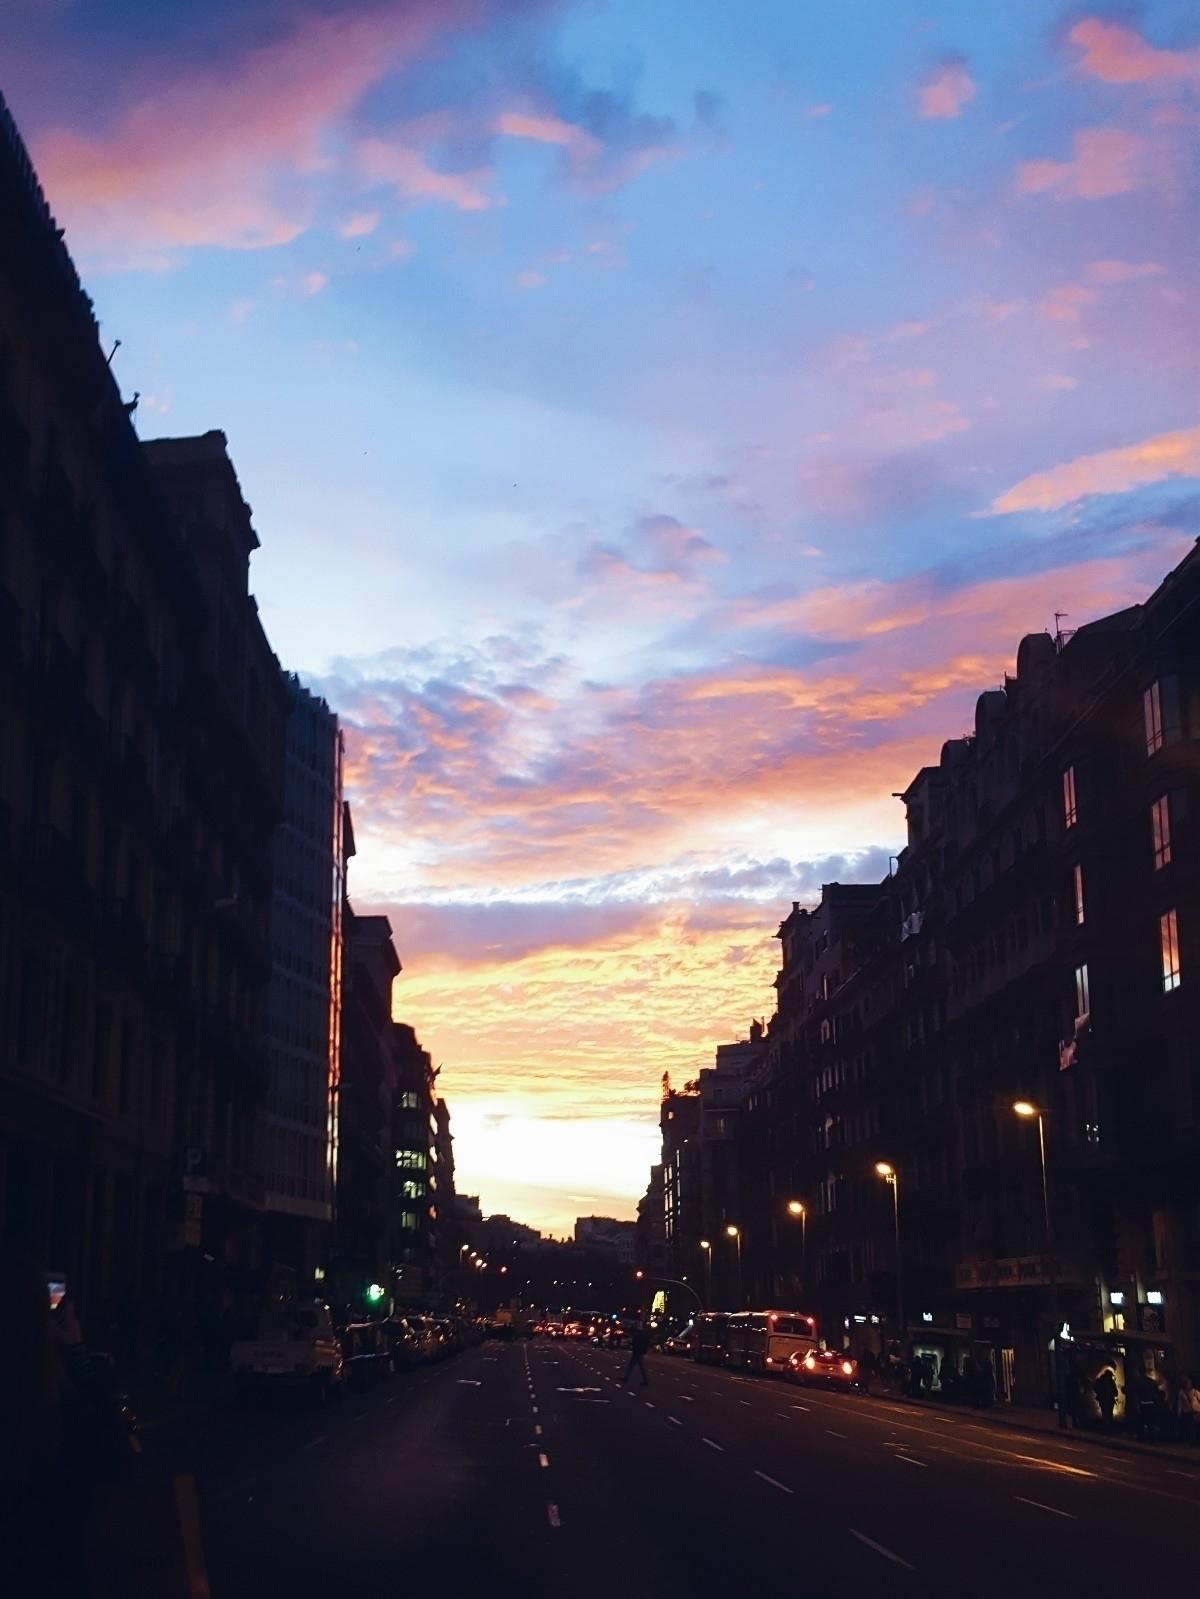 Barcelona - sunset, autumn, autumnsunset - martacorbacho | ello